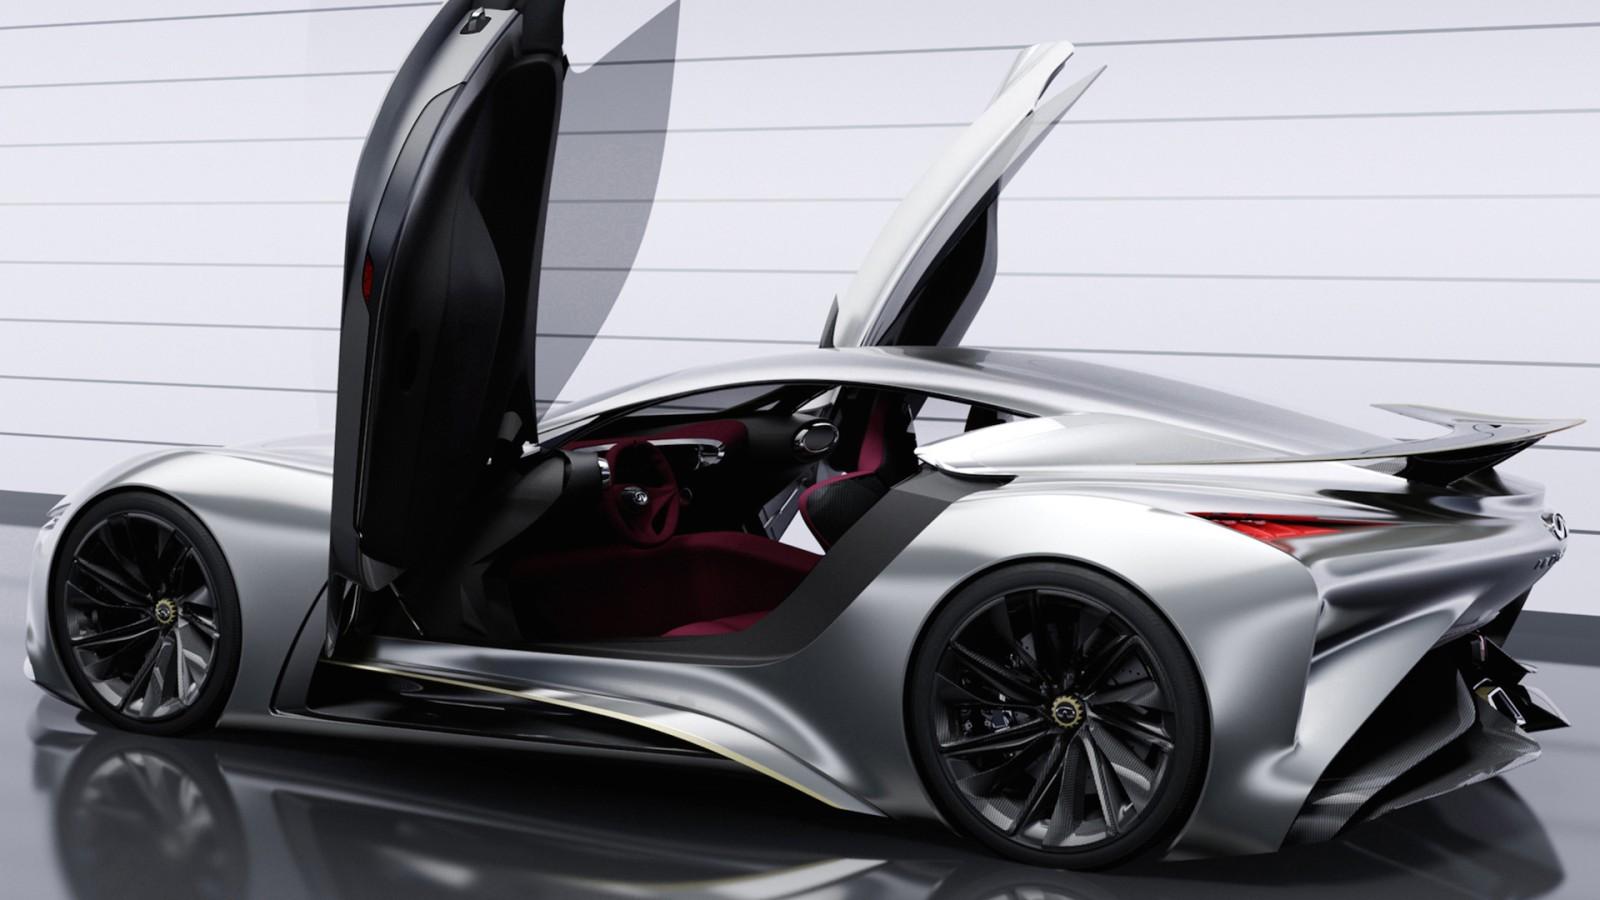 Audi Car Hd Wallpapers 1080p Infiniti Concept Vision Gran Turismo 2 Wallpaper Hd Car